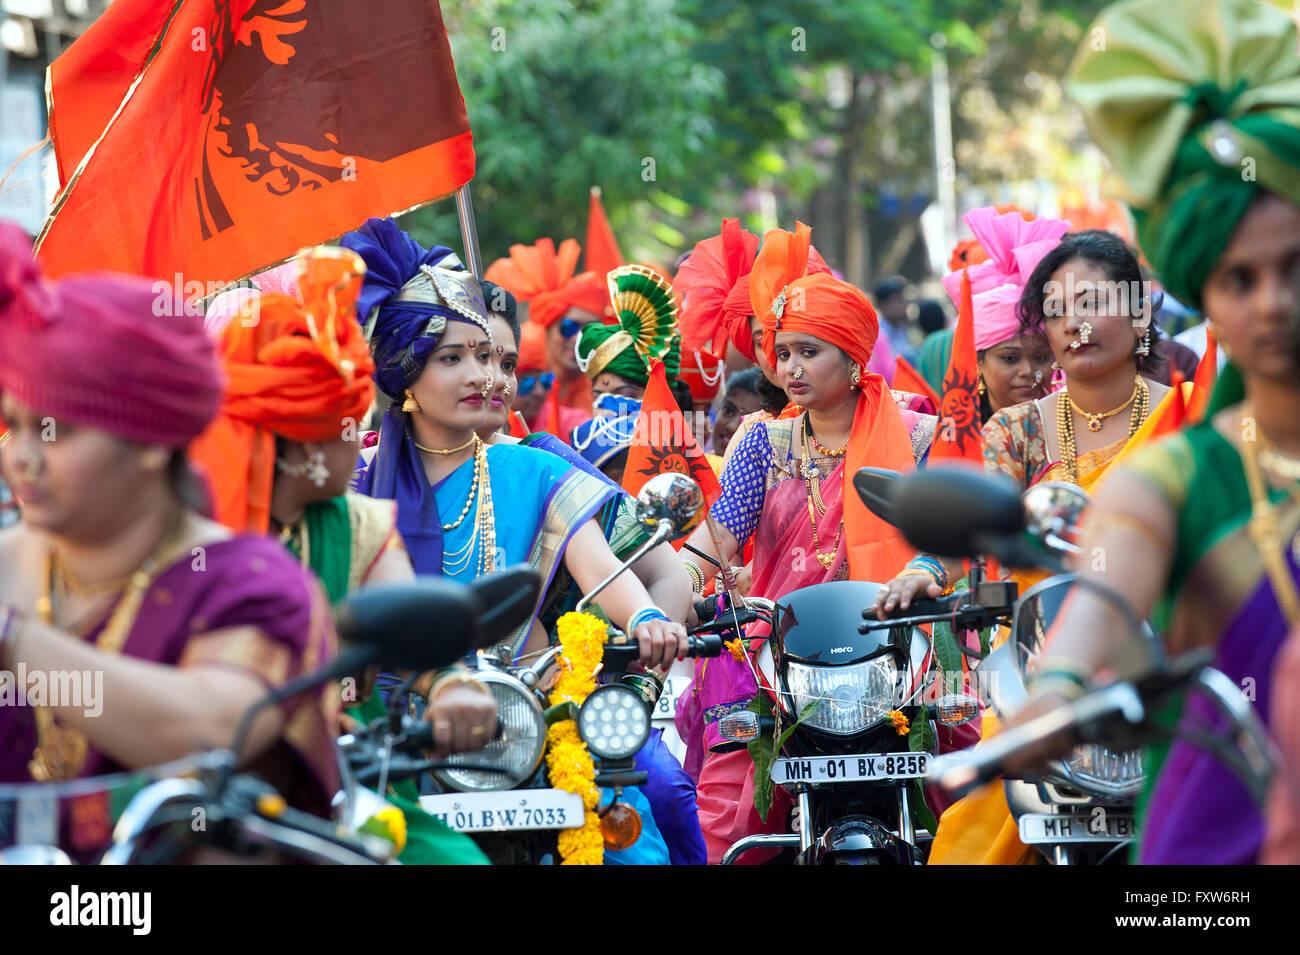 The image of procession  was shot in Girgaon Mumbai, Maharashtra, India - Stock Image